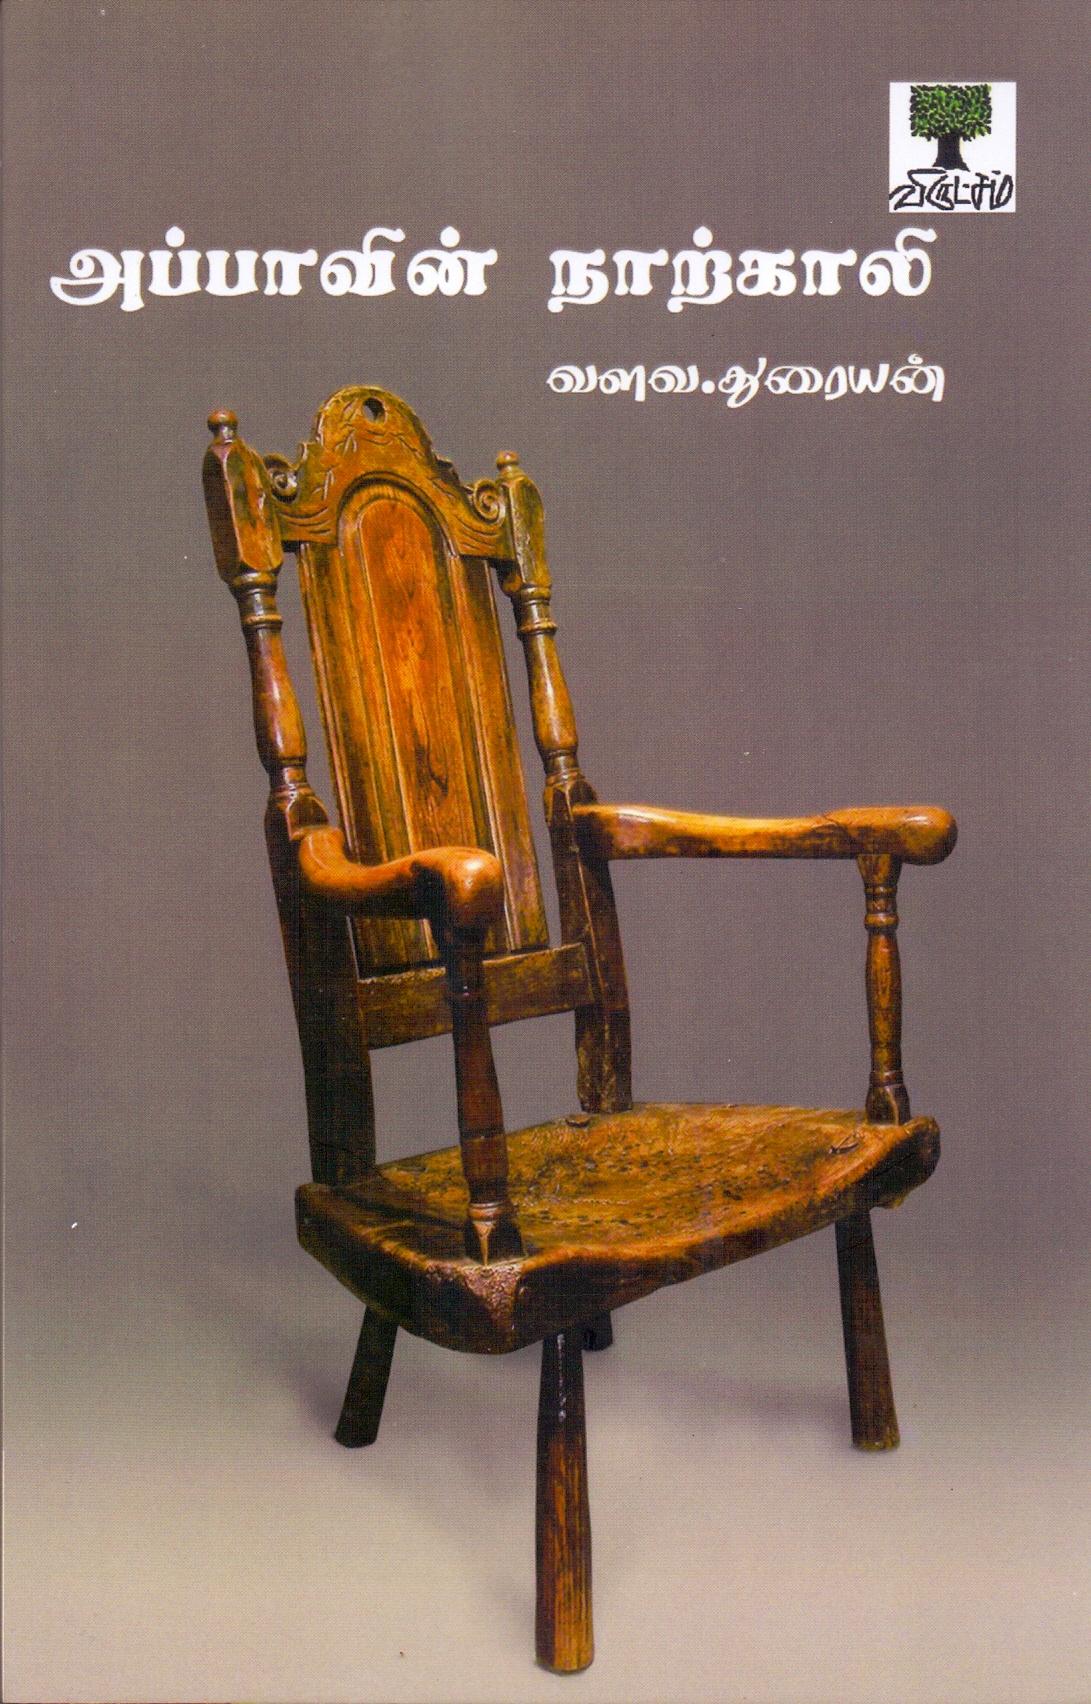 வளவதுரையனின்  கவிதைத்தொகுப்பு அப்பாவின் நாற்காலி